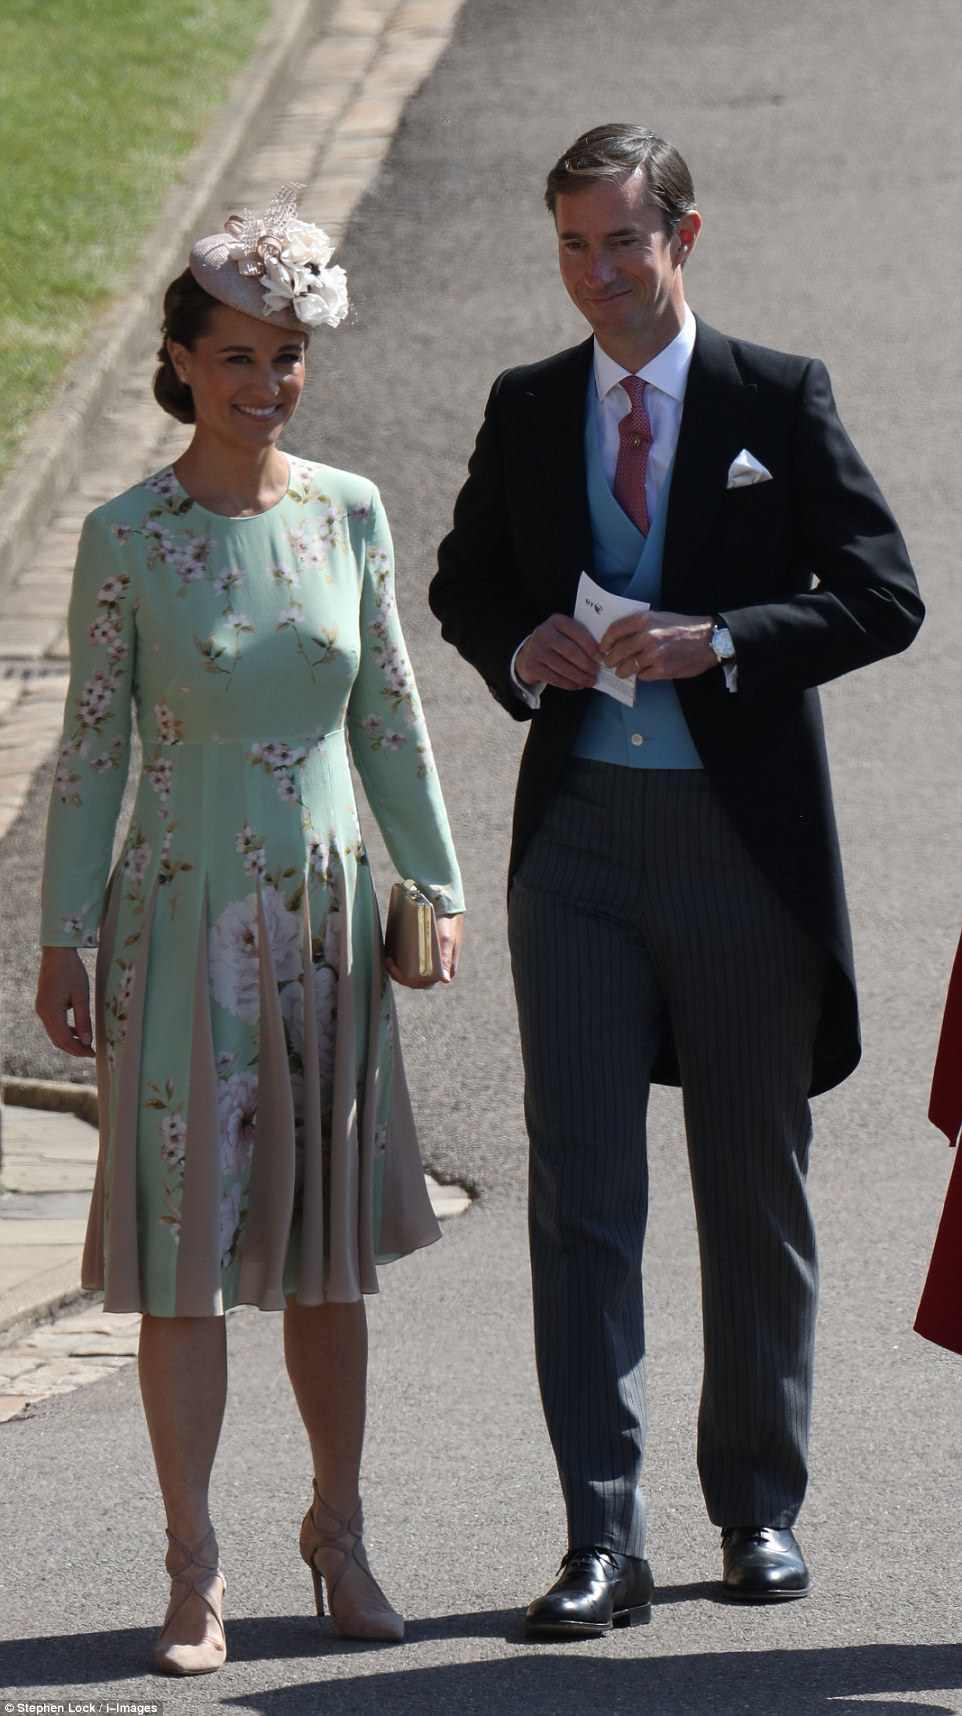 Grávida Pippa Middleton e seu marido James chegaram aos degraus da igreja logo após as 10h30.